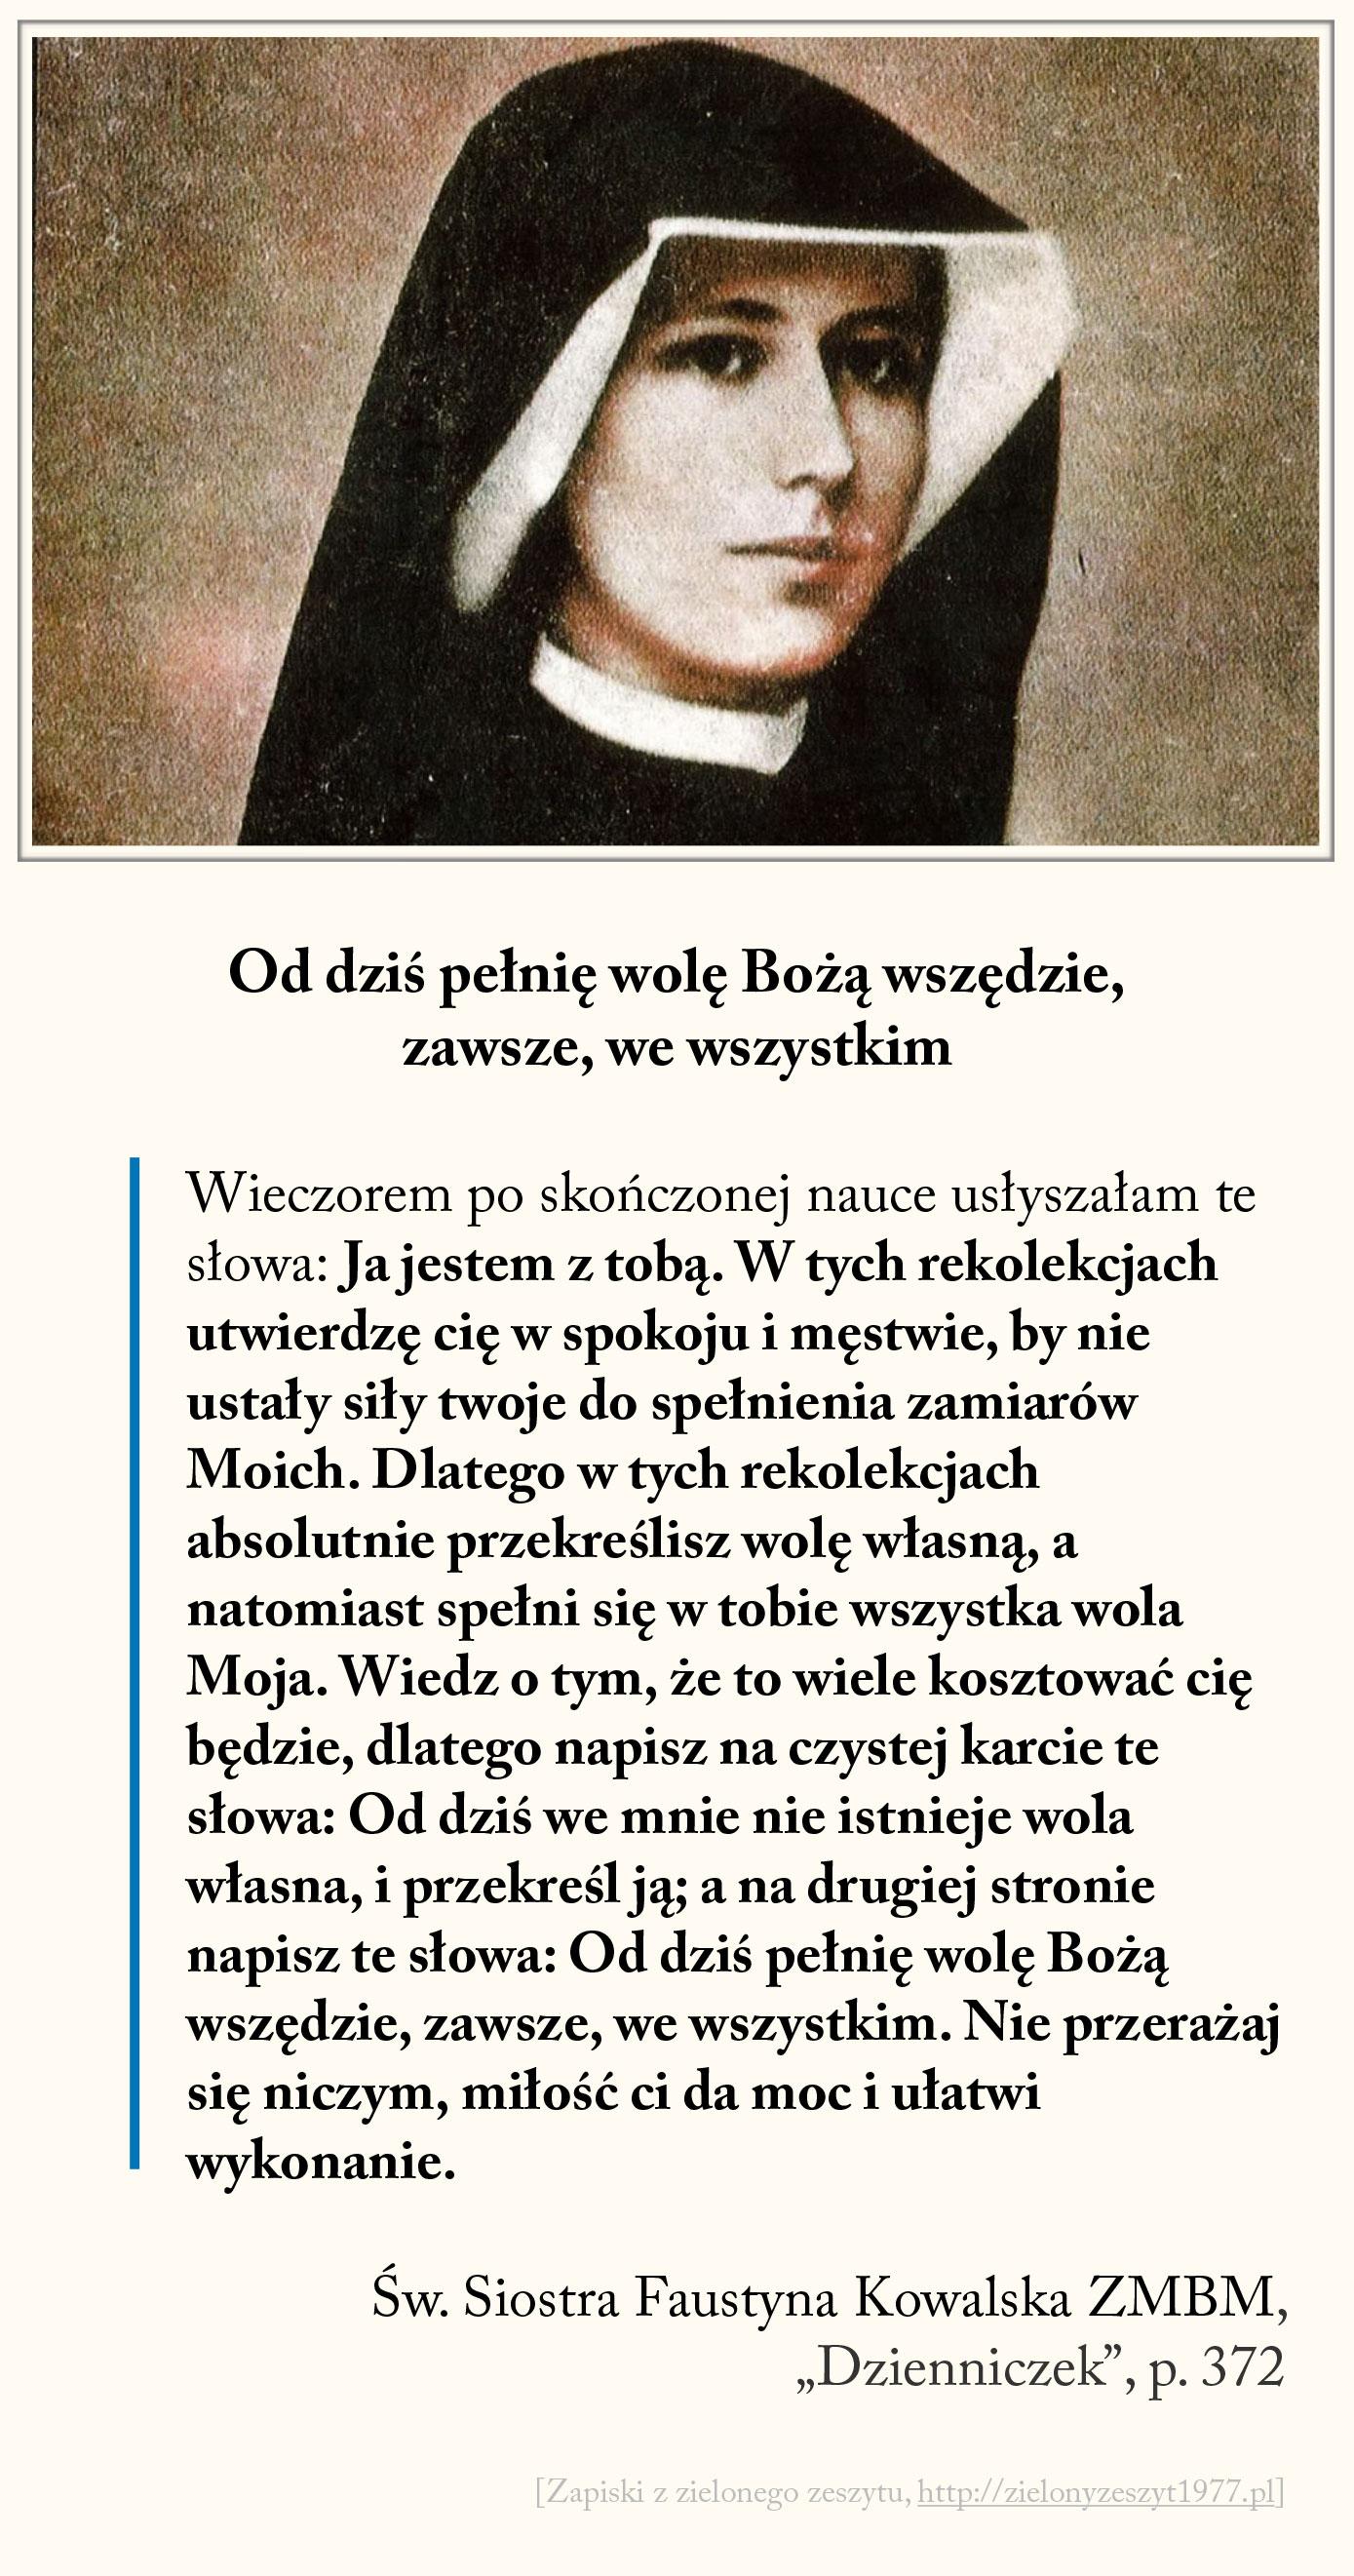 Od dziś pełnię wolę Bożą wszędzie, zawsze, we wszystkim, św. Faustyna Kowalska